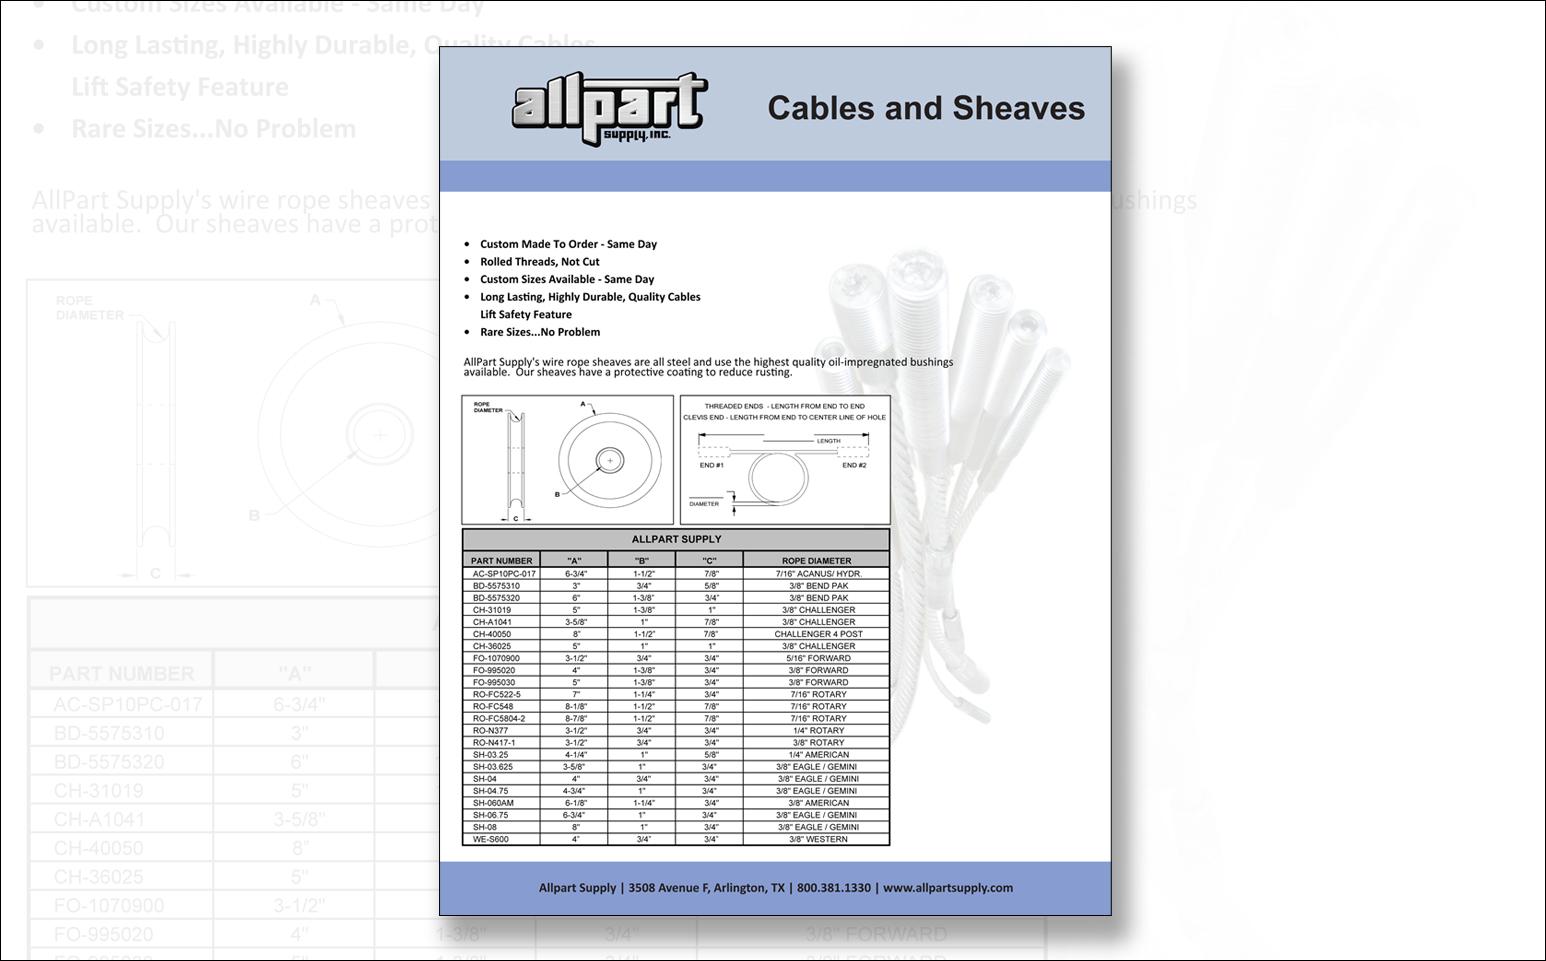 Bendpak Lift Wiring 19 Diagram Images Diagrams Car Hoist Allpartflyers Cables Sheavesfit15462c961 Parts Auto